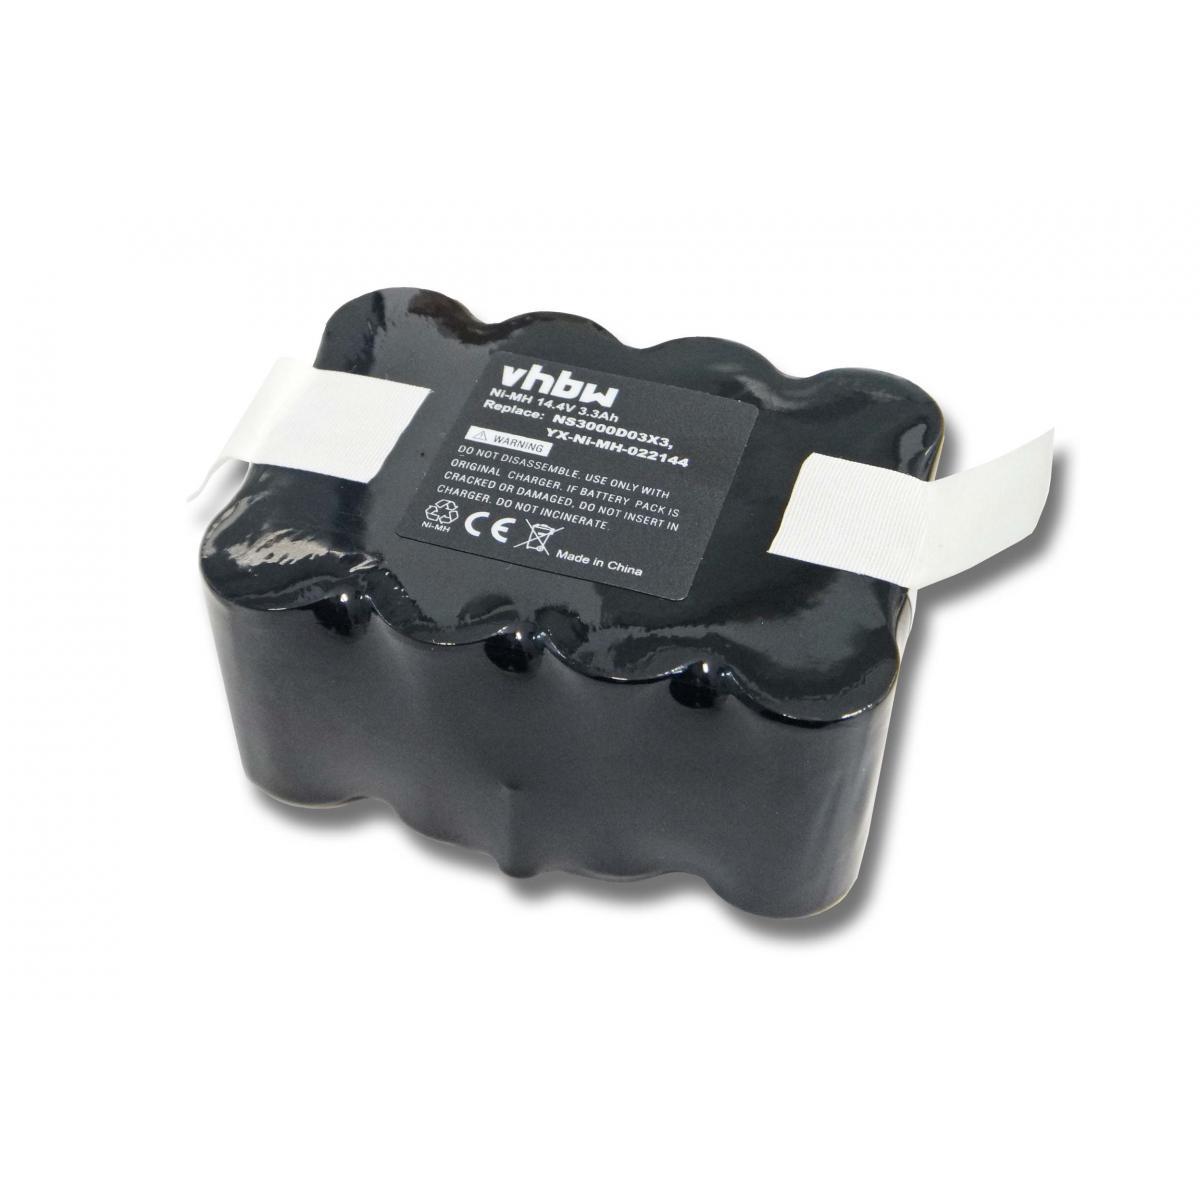 Vhbw vhbw batterie Ni-MH 3300mAh (14.4V) pour appareil électronique compatible avec E.Ziclean Furtiv remplace NS3000D03X3, YX